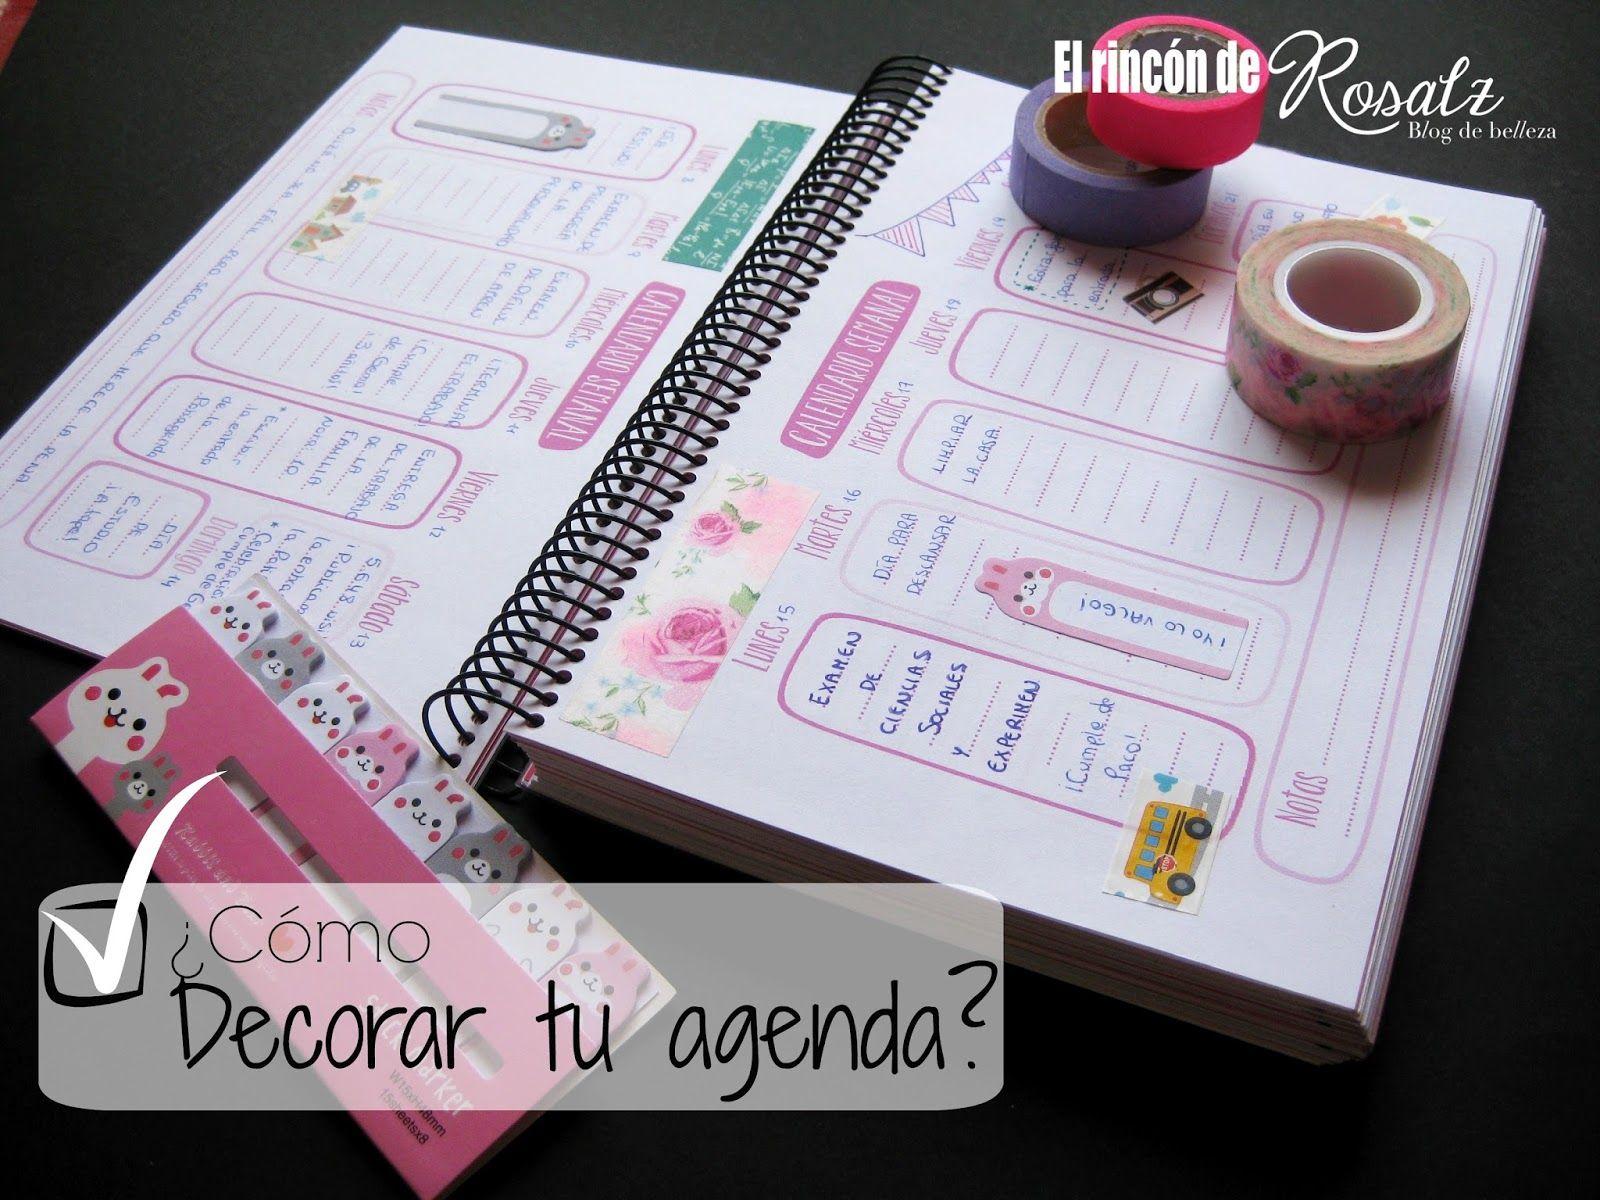 El rinc n de rosalz c mo decorar tu agenda agendas molonas pinterest - Como decorar una agenda ...